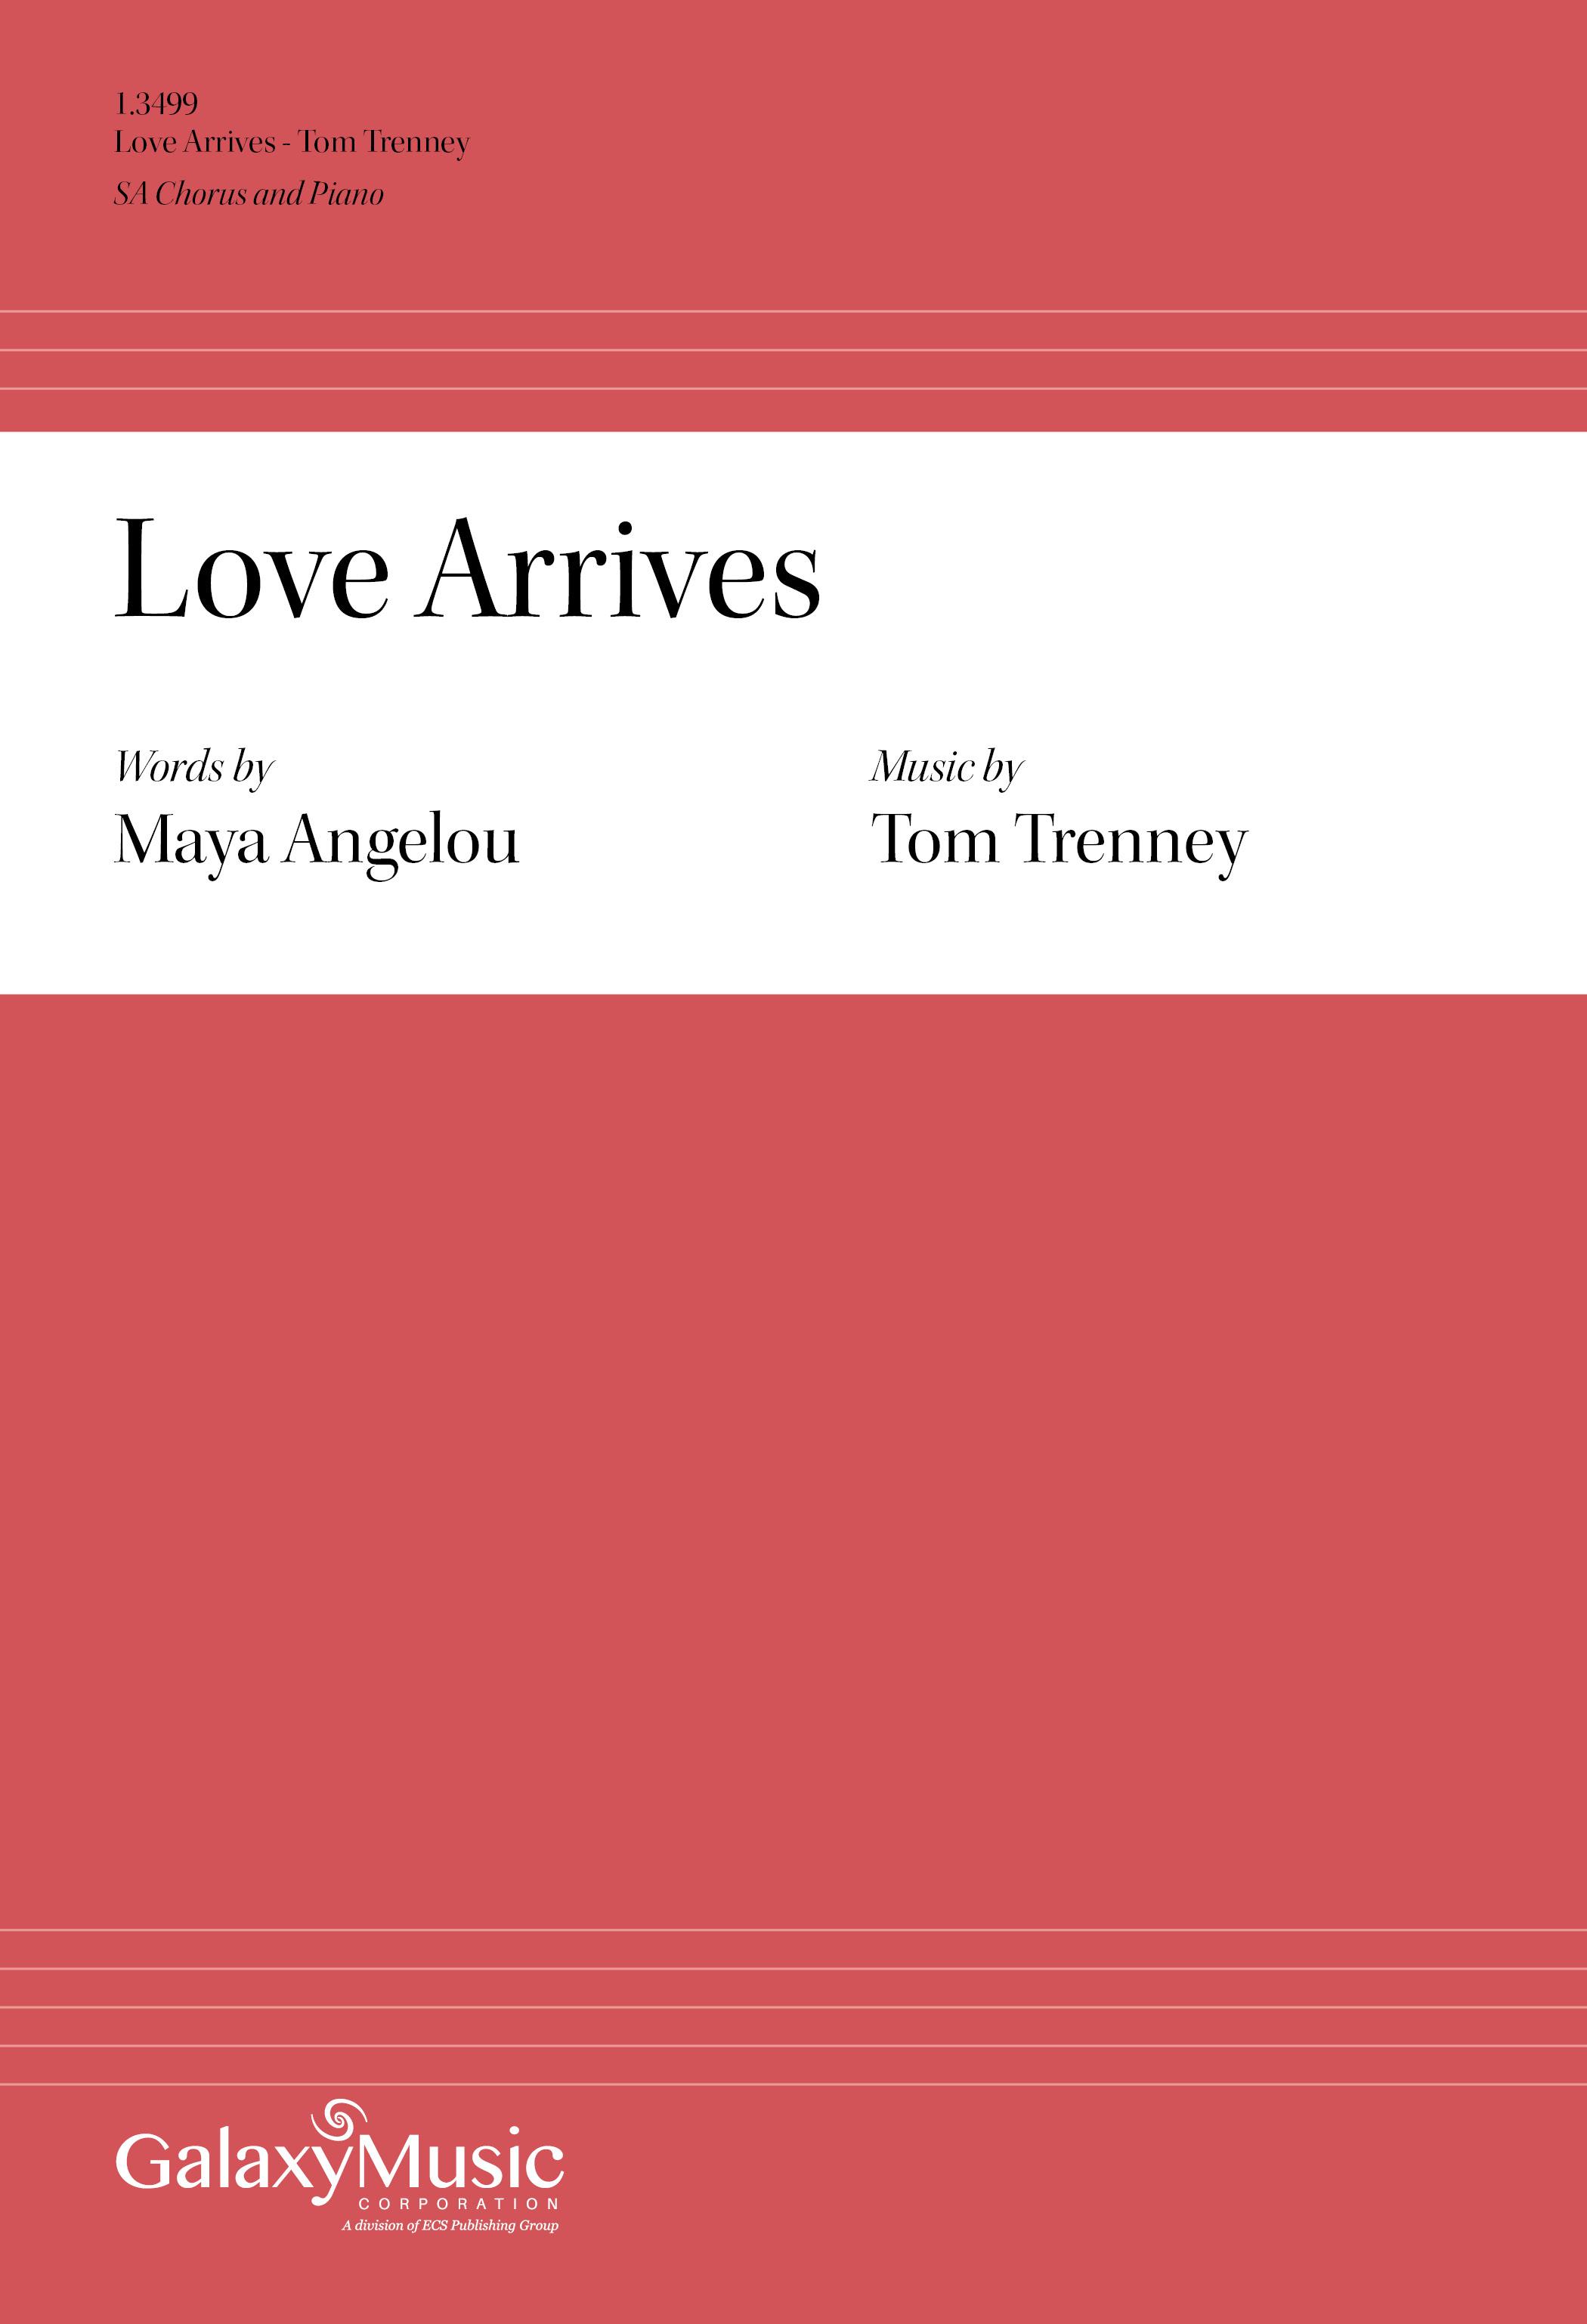 Love Arrives    Listen   Purchase